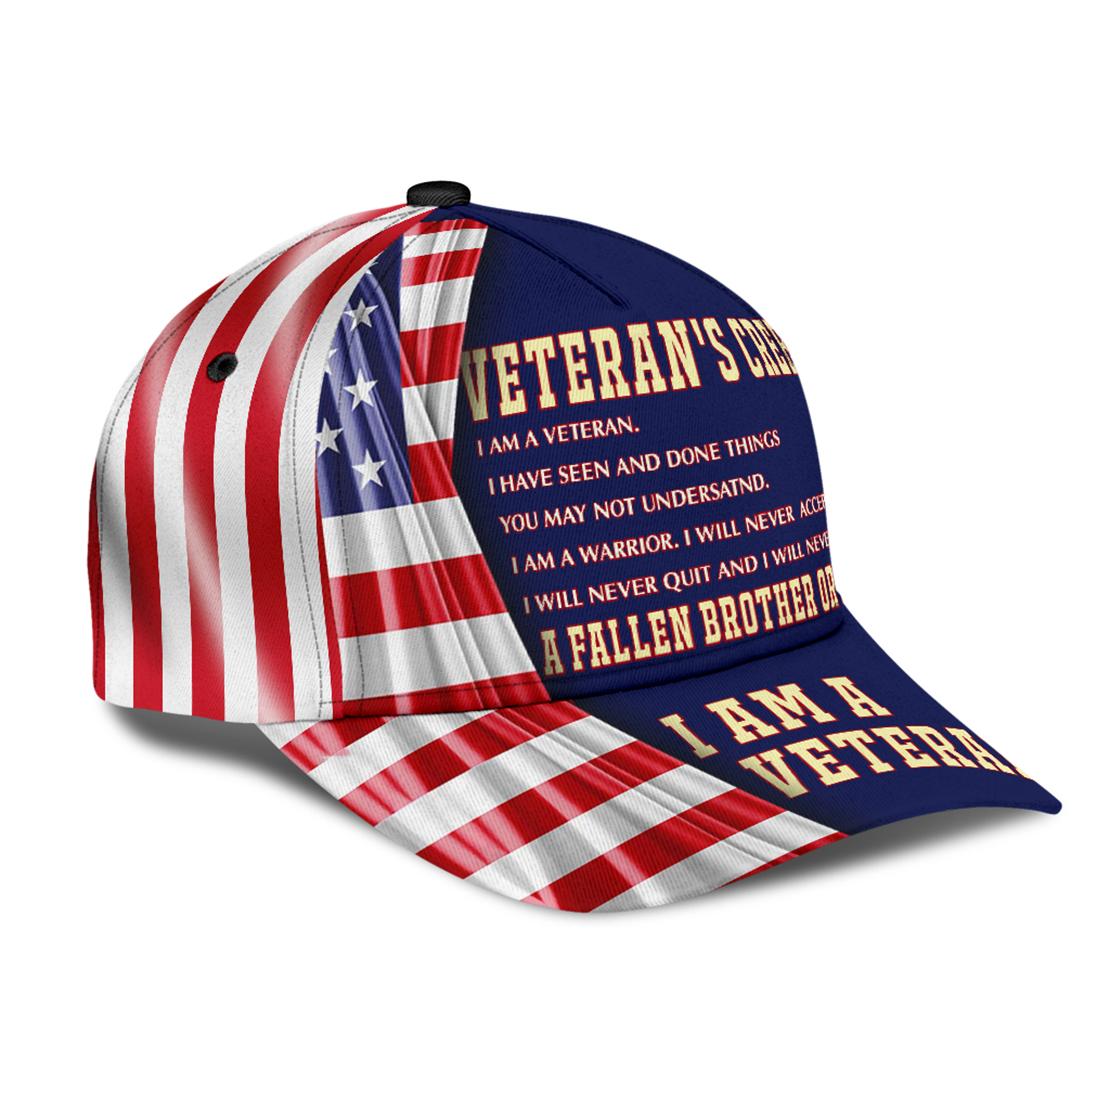 Veterans-creed-I-am-a-veteran-American-flag-cap-hat2